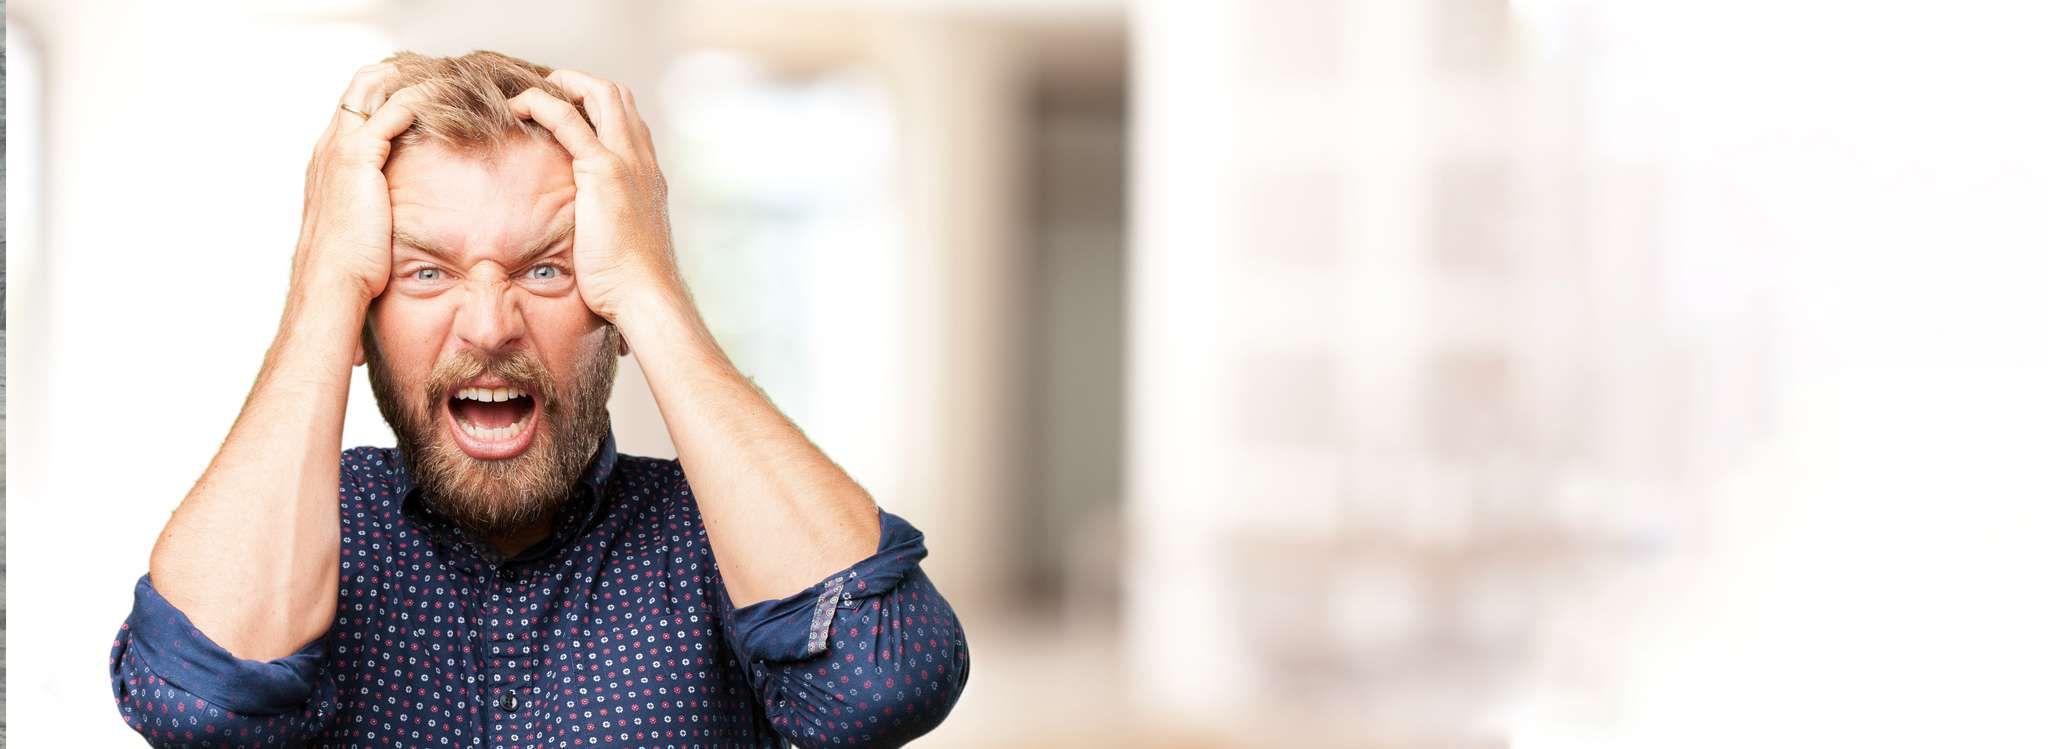 Nguyên nhân khó tăng cân mặc dù bạn ăn rất nhiều là gì? Mời các bạn tham khảo ngay 9 nguyên nhân và cách khắc khục tình trạng khó tăng cân....